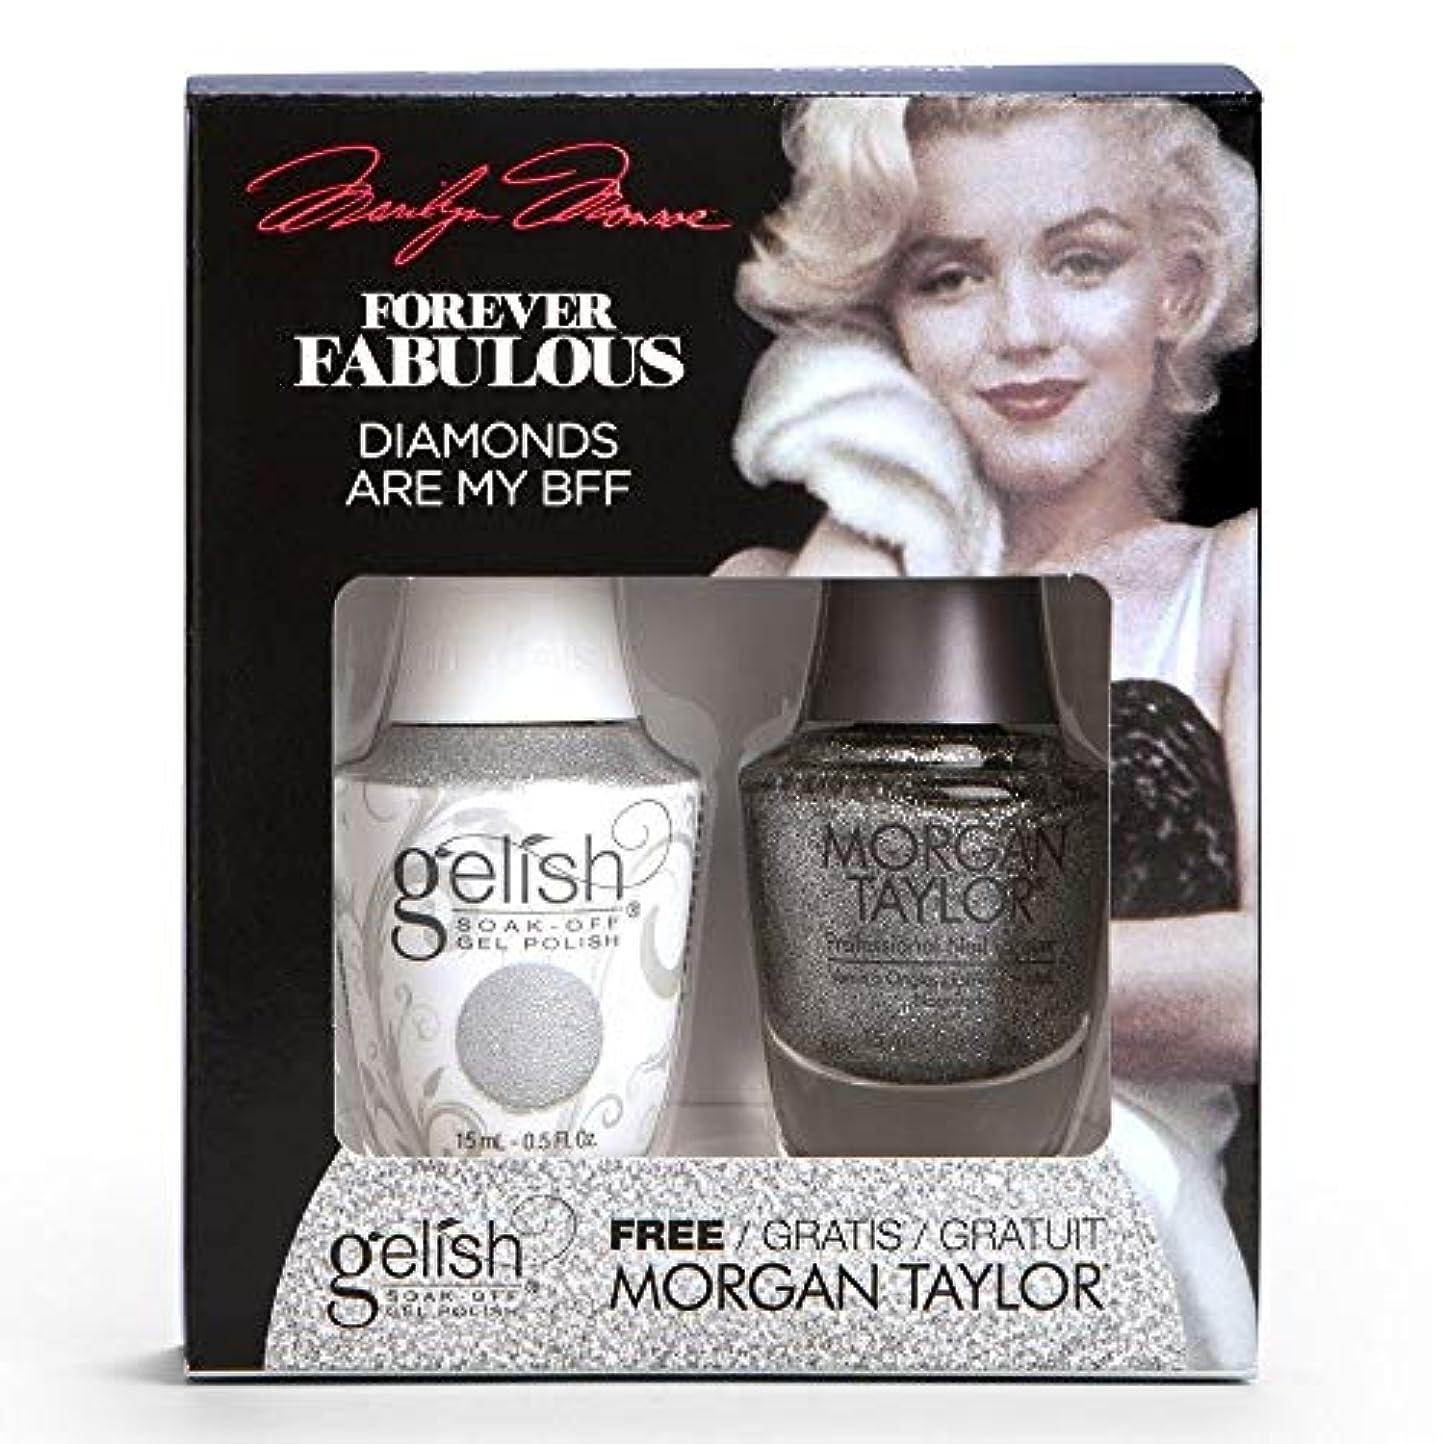 離れた交差点横向きHarmony Gelish & Morgan Taylor - Two Of A Kind - Forever Fabulous Marilyn Monroe - Diamonds Are My BFF - 15 mL...